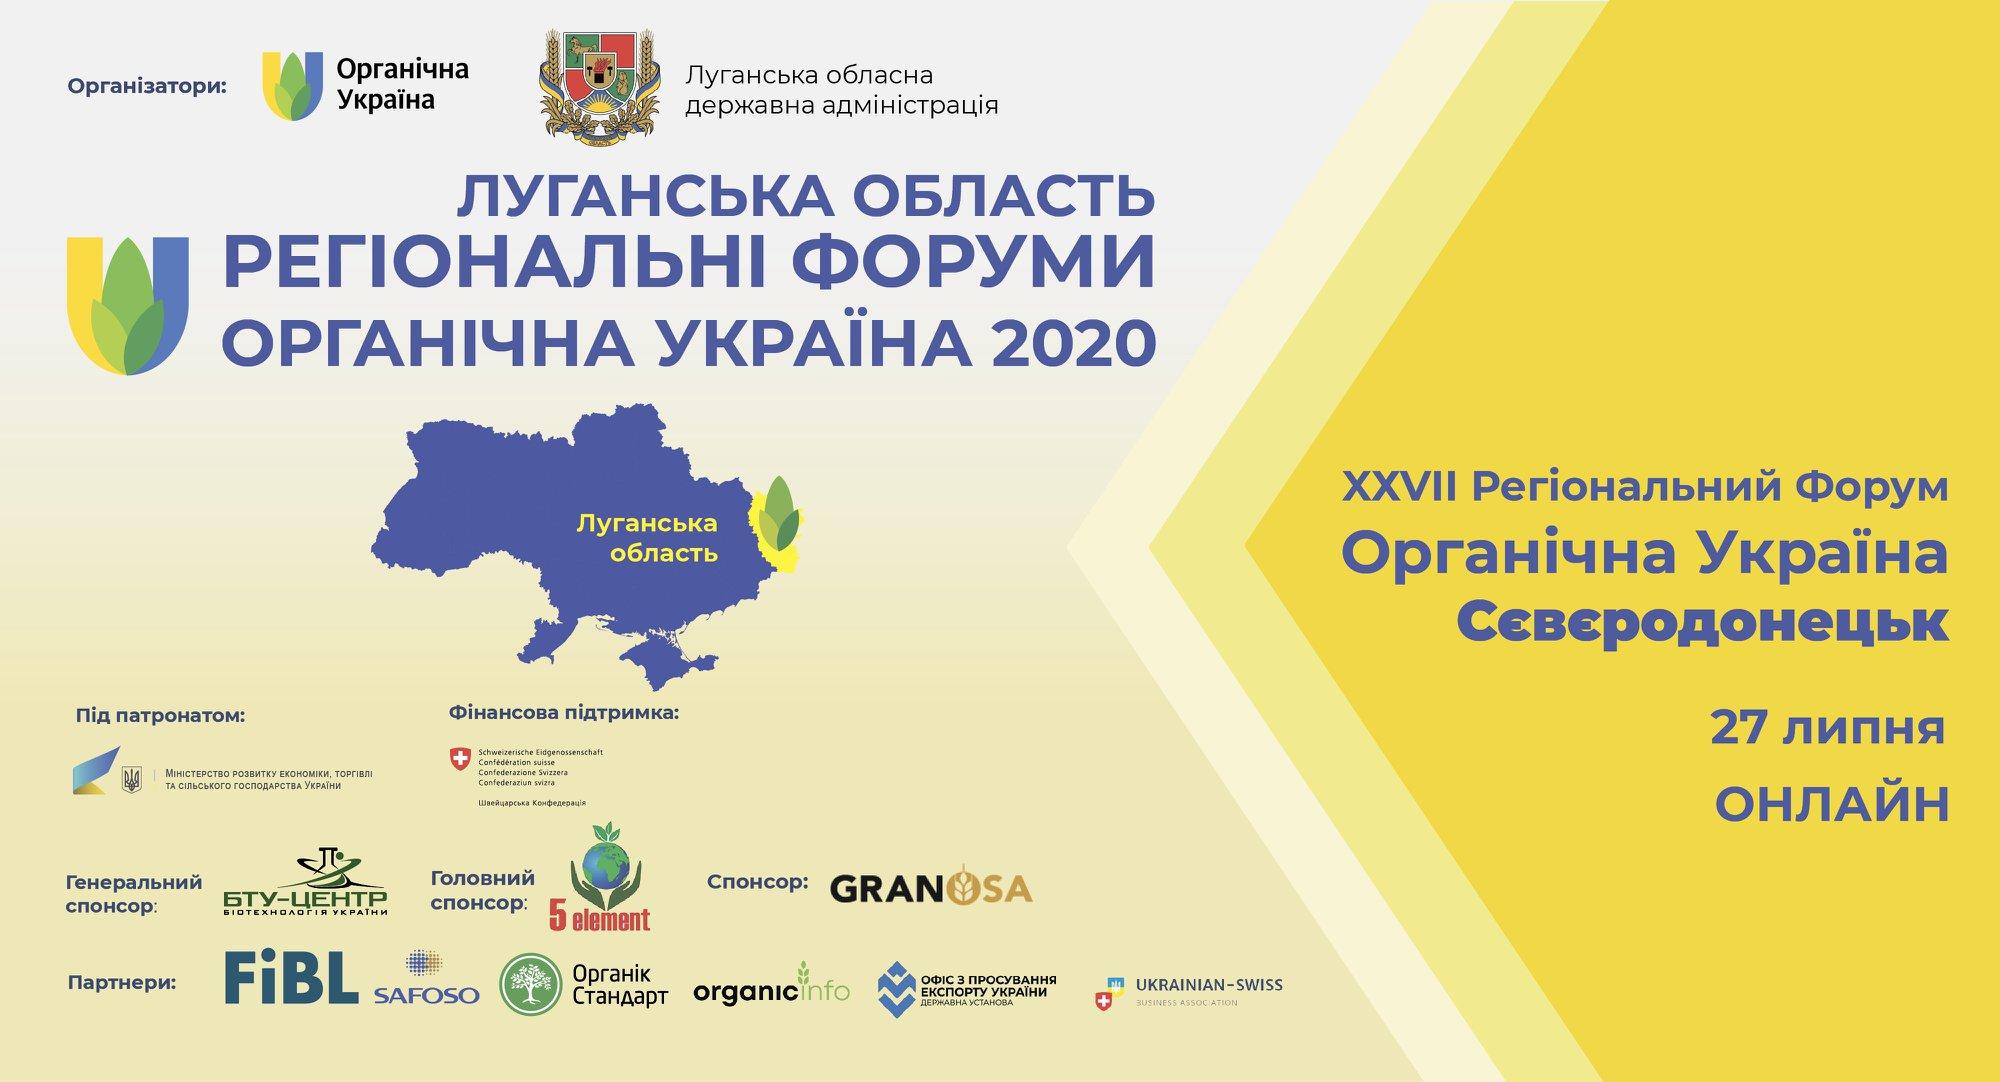 Сєвєродонецьк_регіональний форум